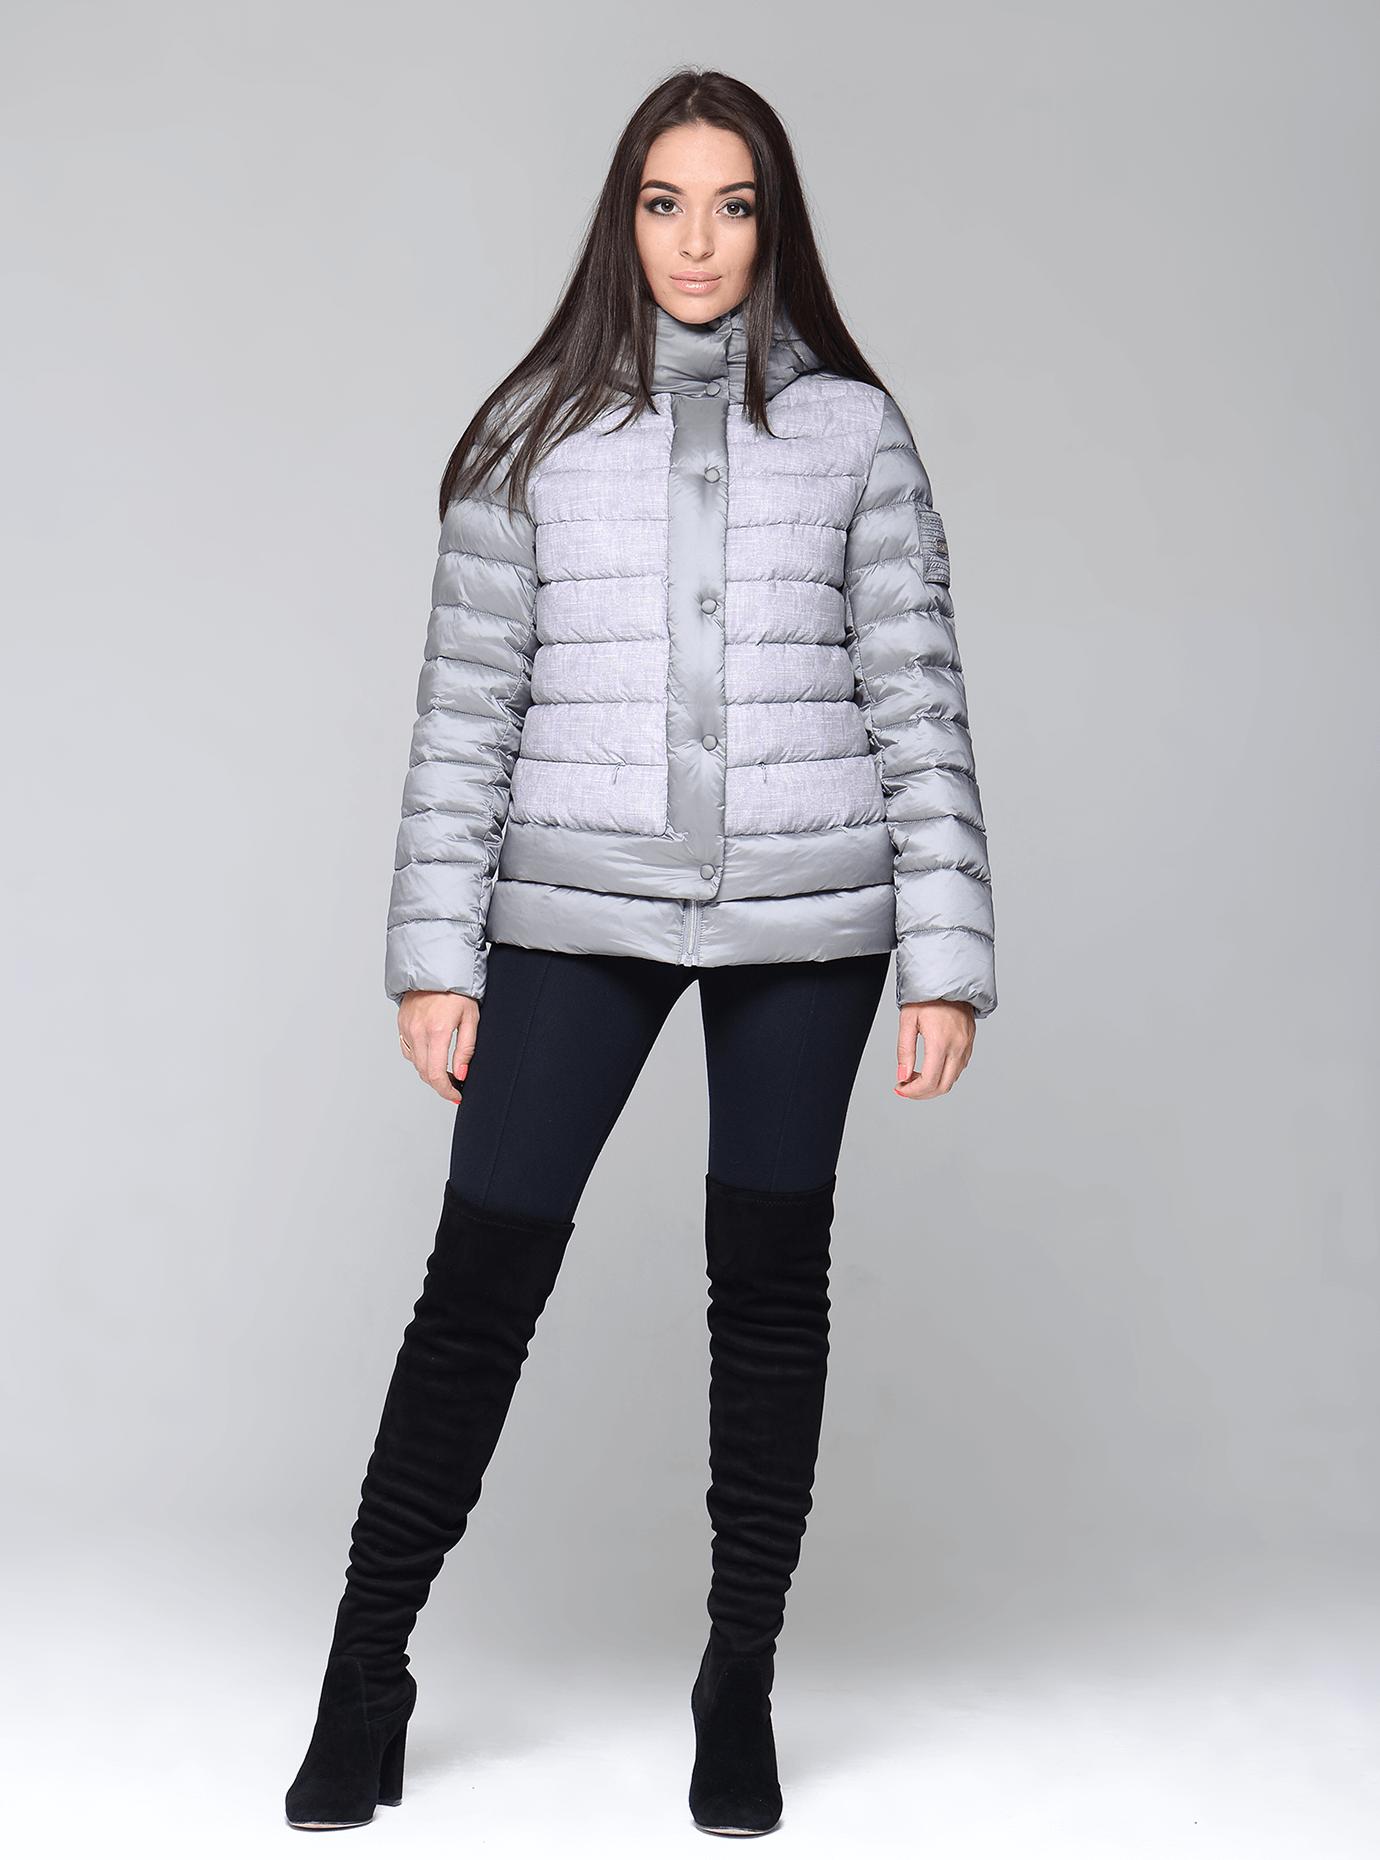 Куртка зимняя женская укороченная Чёрный S (02-CR170323): фото - Alster.ua